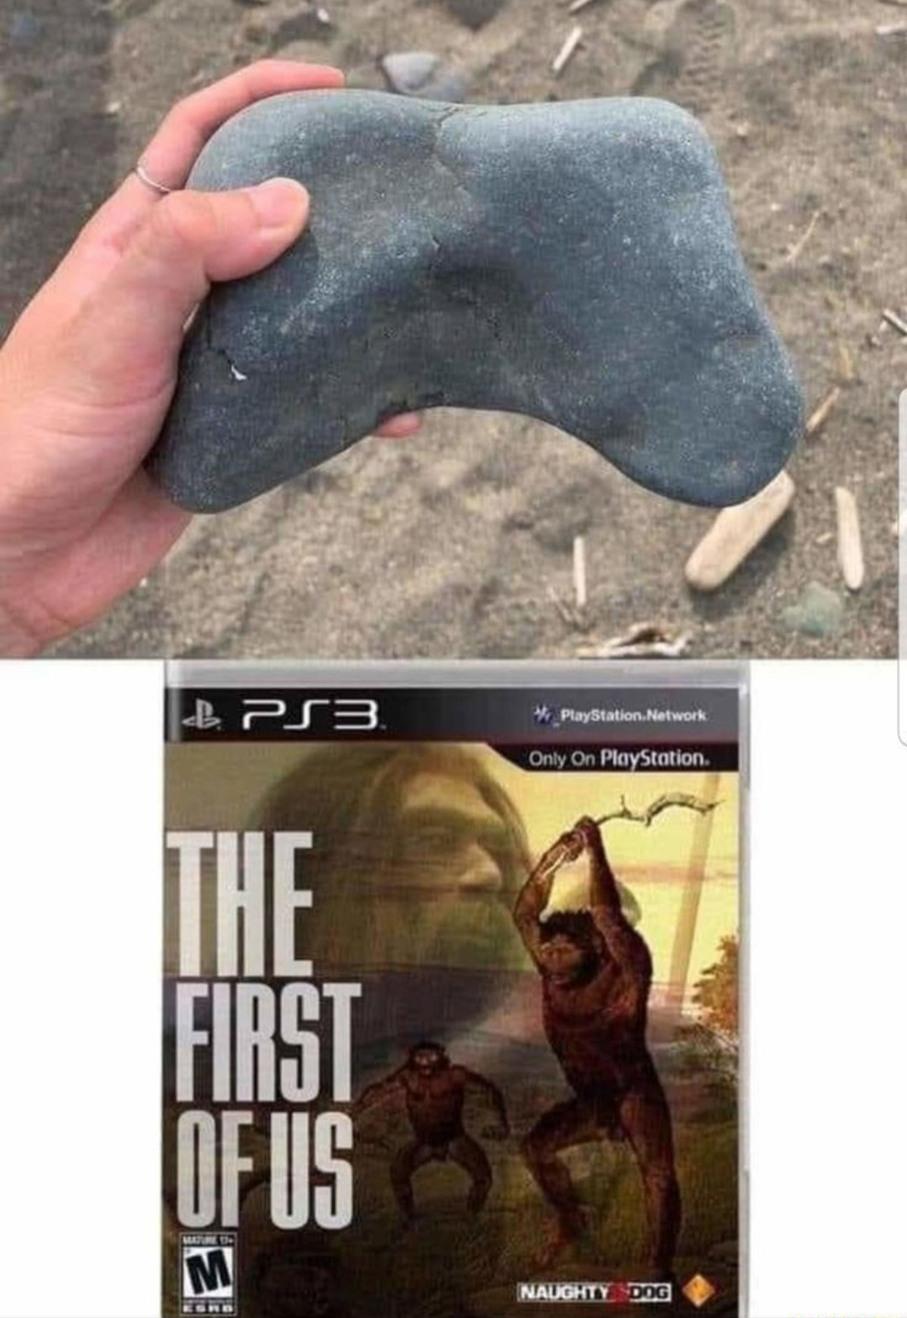 Ptn ils cassent les couilles avec leurs titres - meme